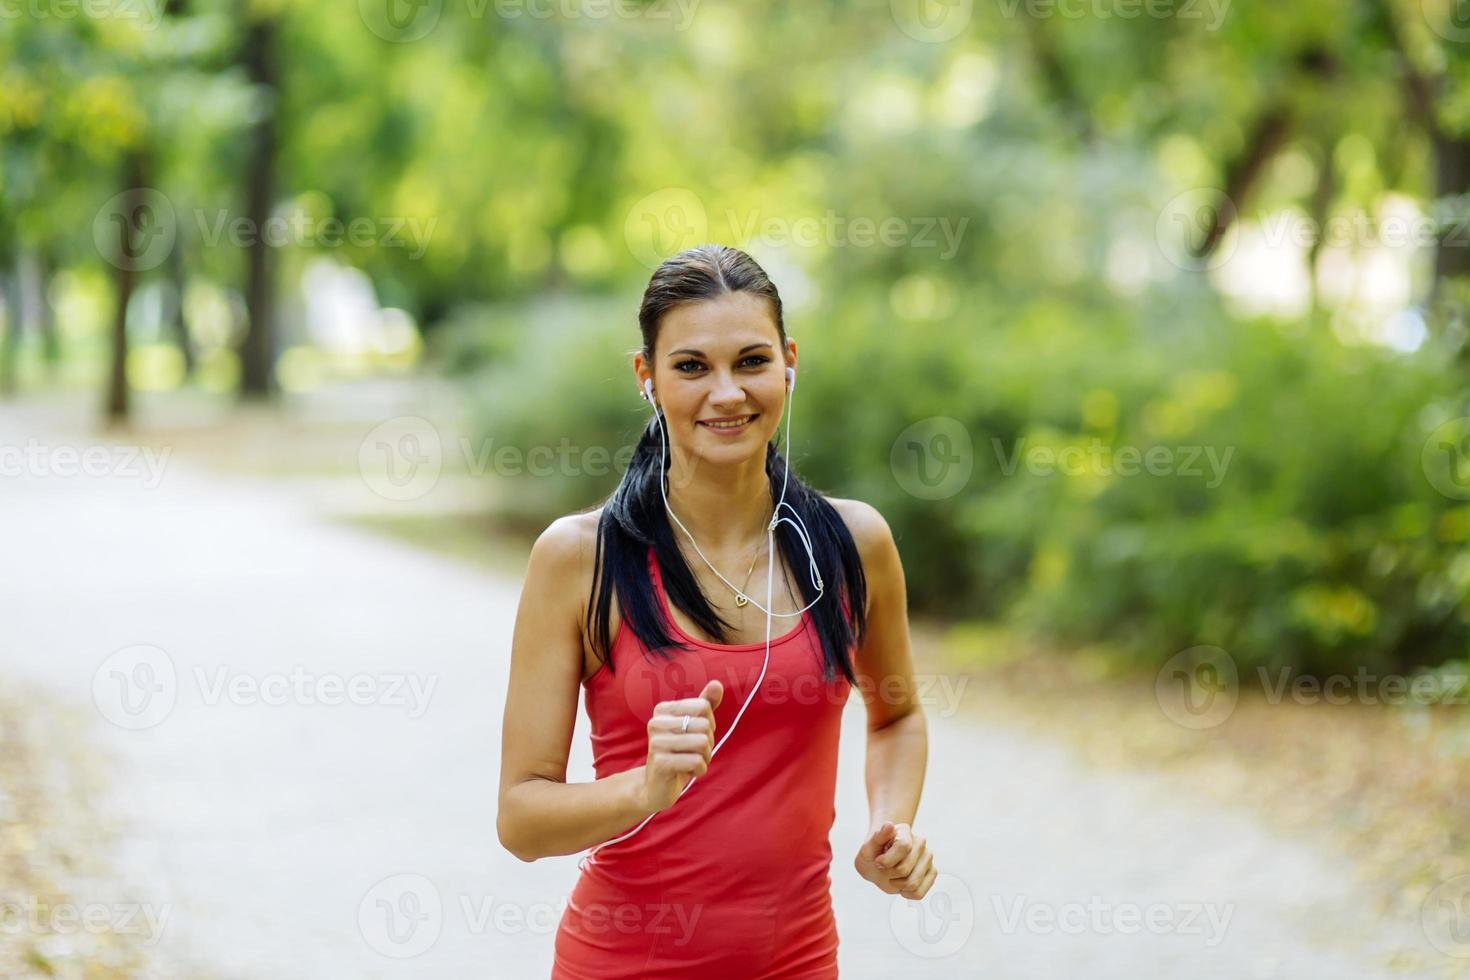 jeune, beau, athlète, jogging, dans parc photo